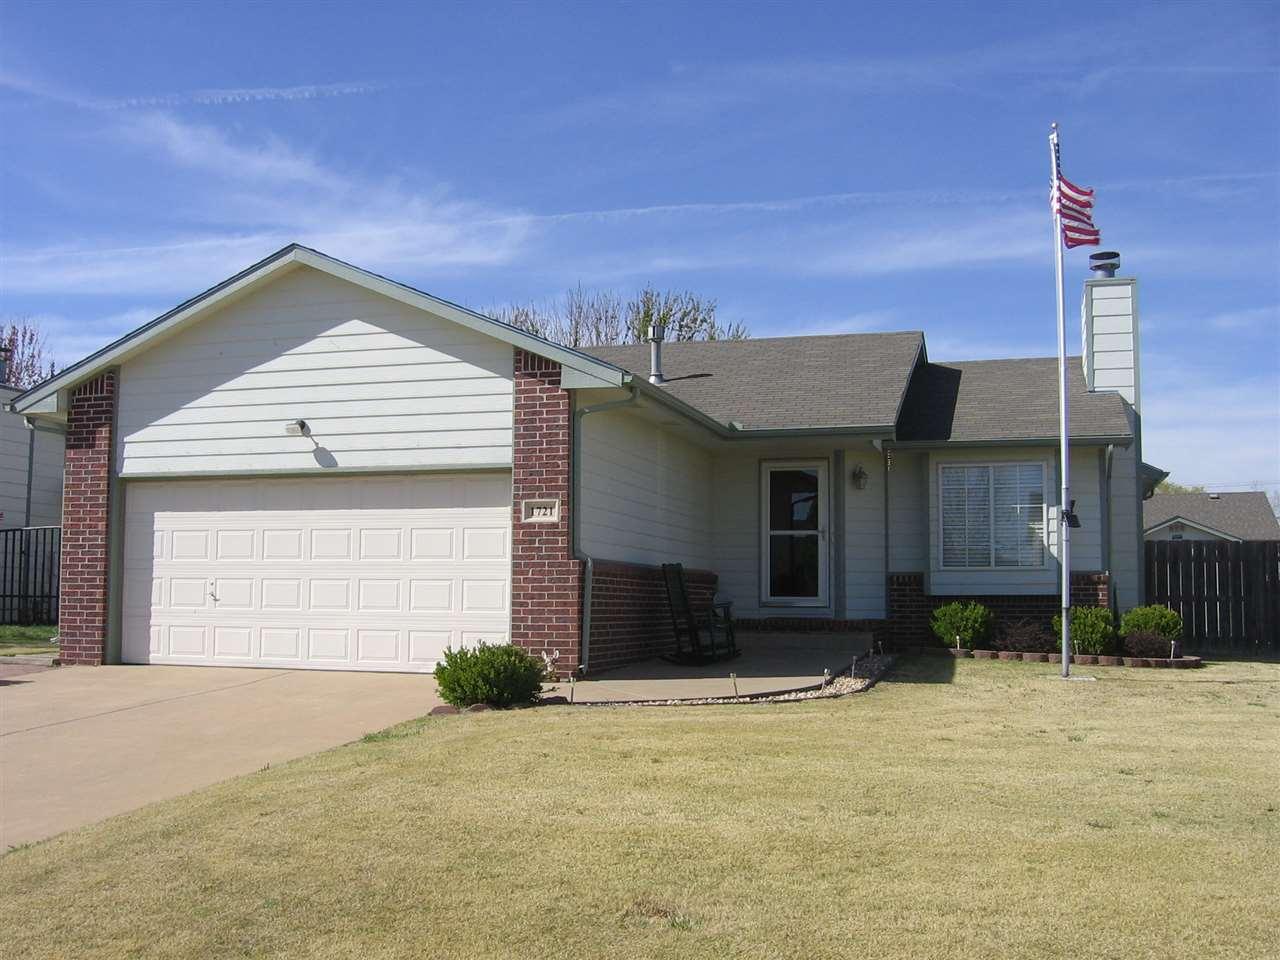 1721 S LARK CT, Wichita, KS 67209